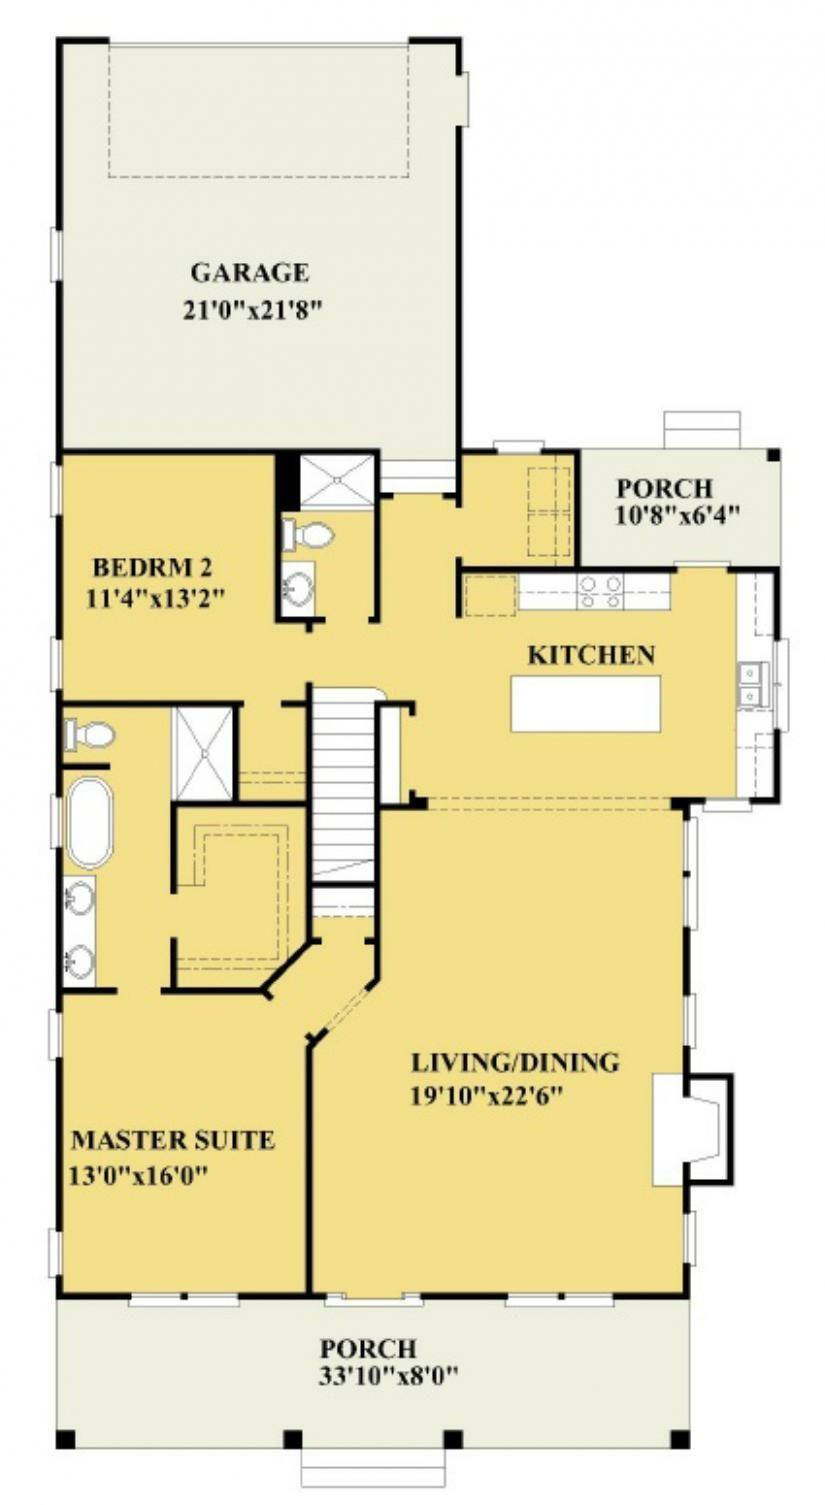 655999 Charming 3 bedroom 3 bath plan with open floor